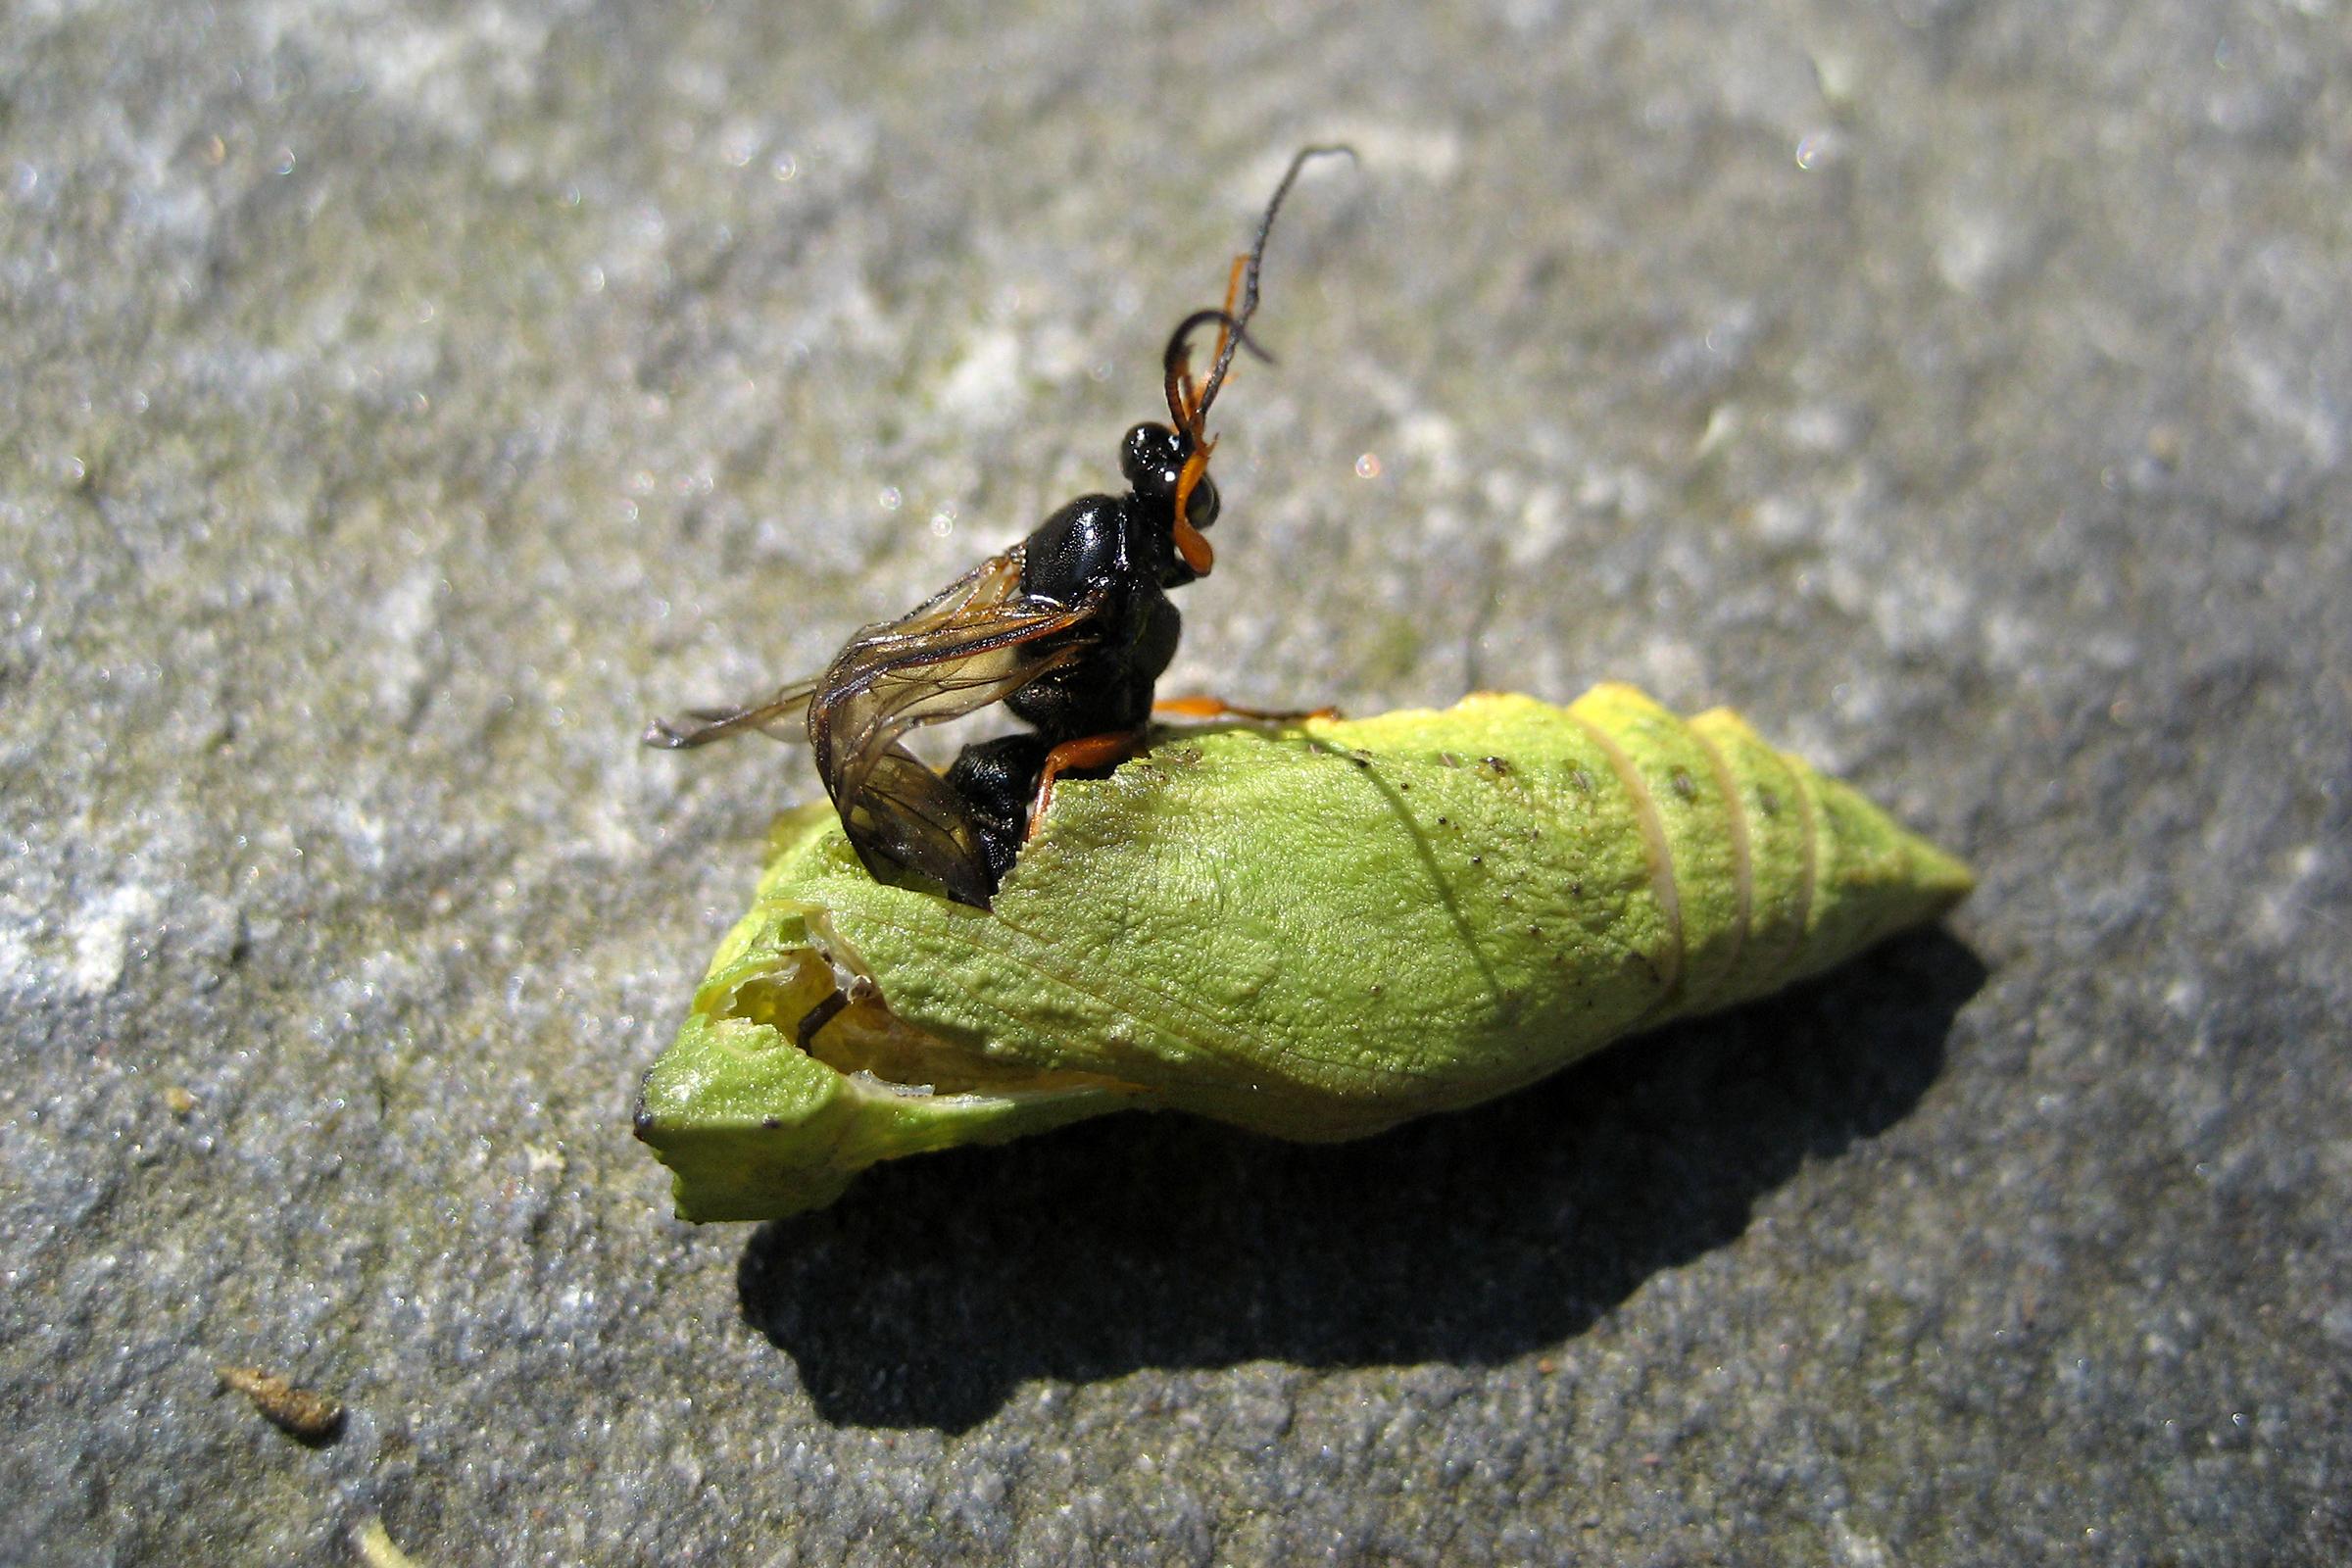 Imkerei Bienenhort Suderwich Schlupfwespe